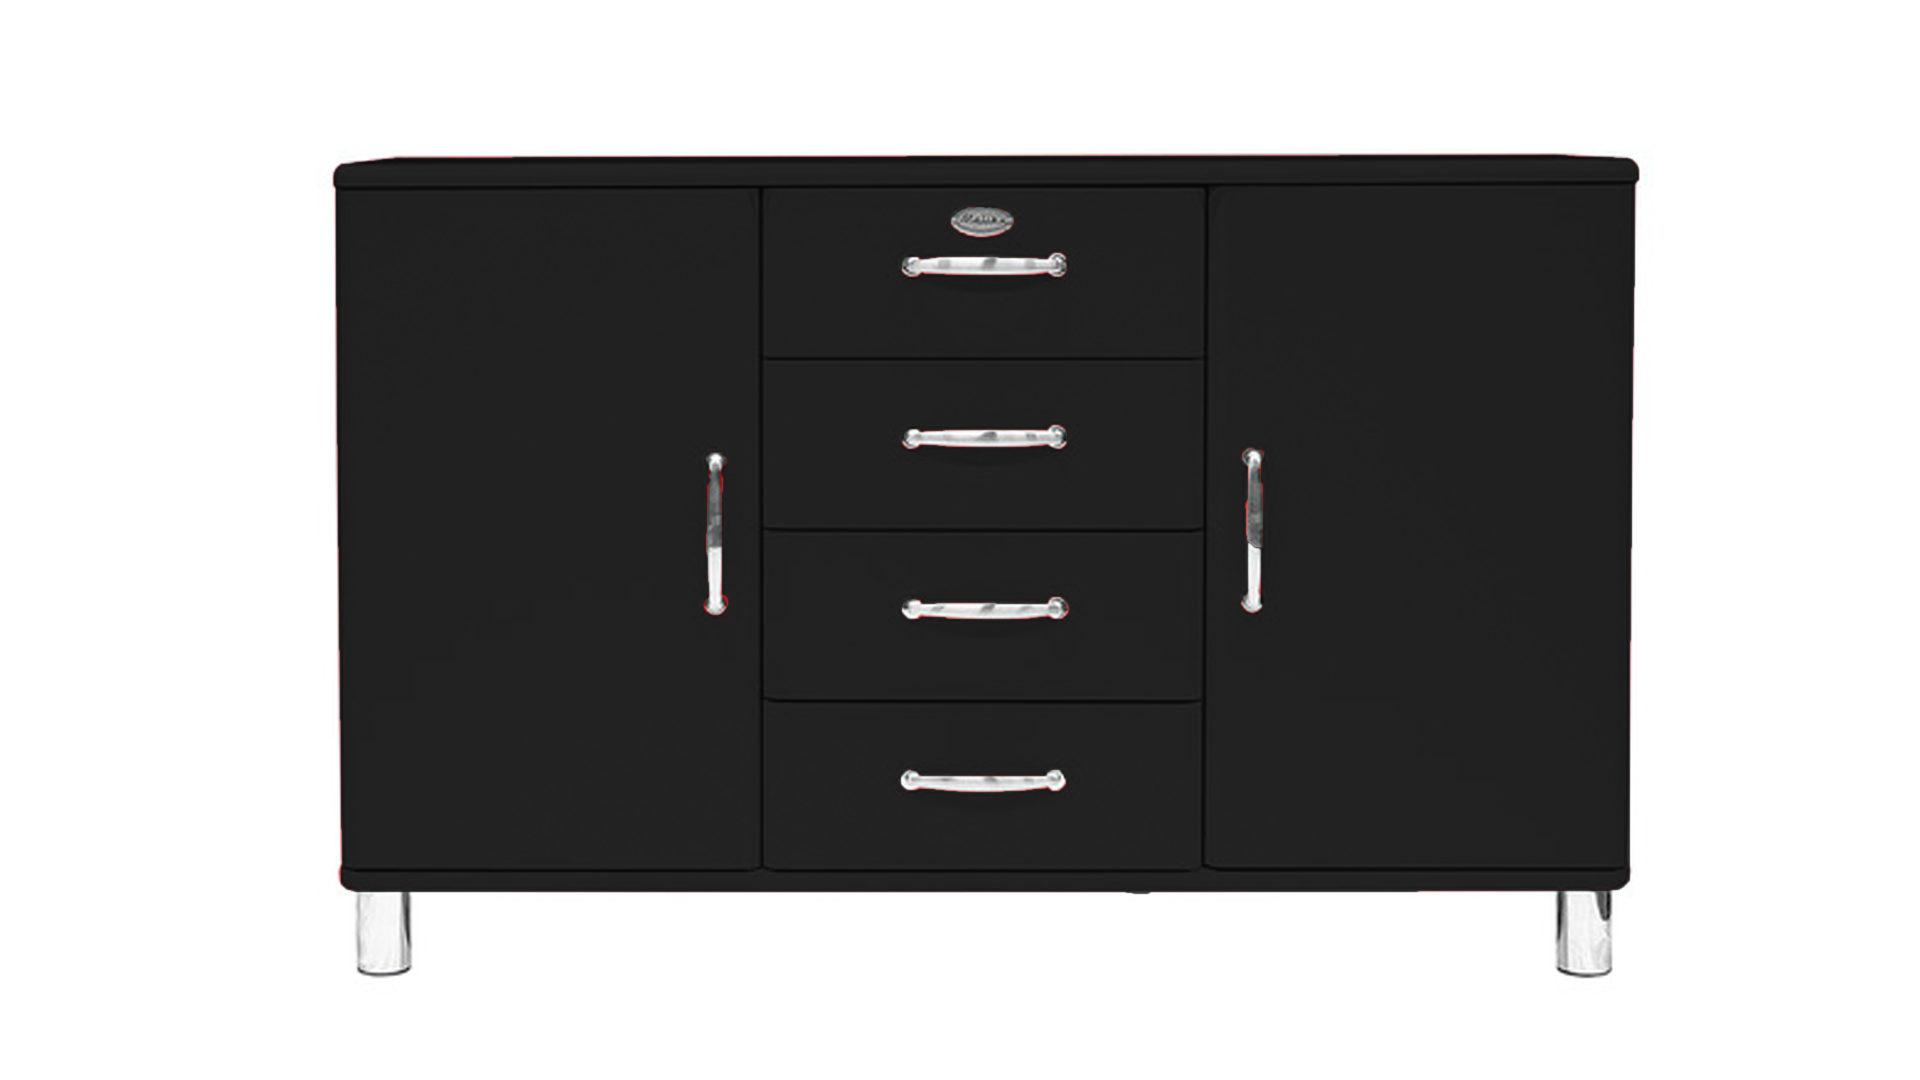 Künstlerisch Schwarze Möbel Ideen Von Sideboard. Lackoberflächen